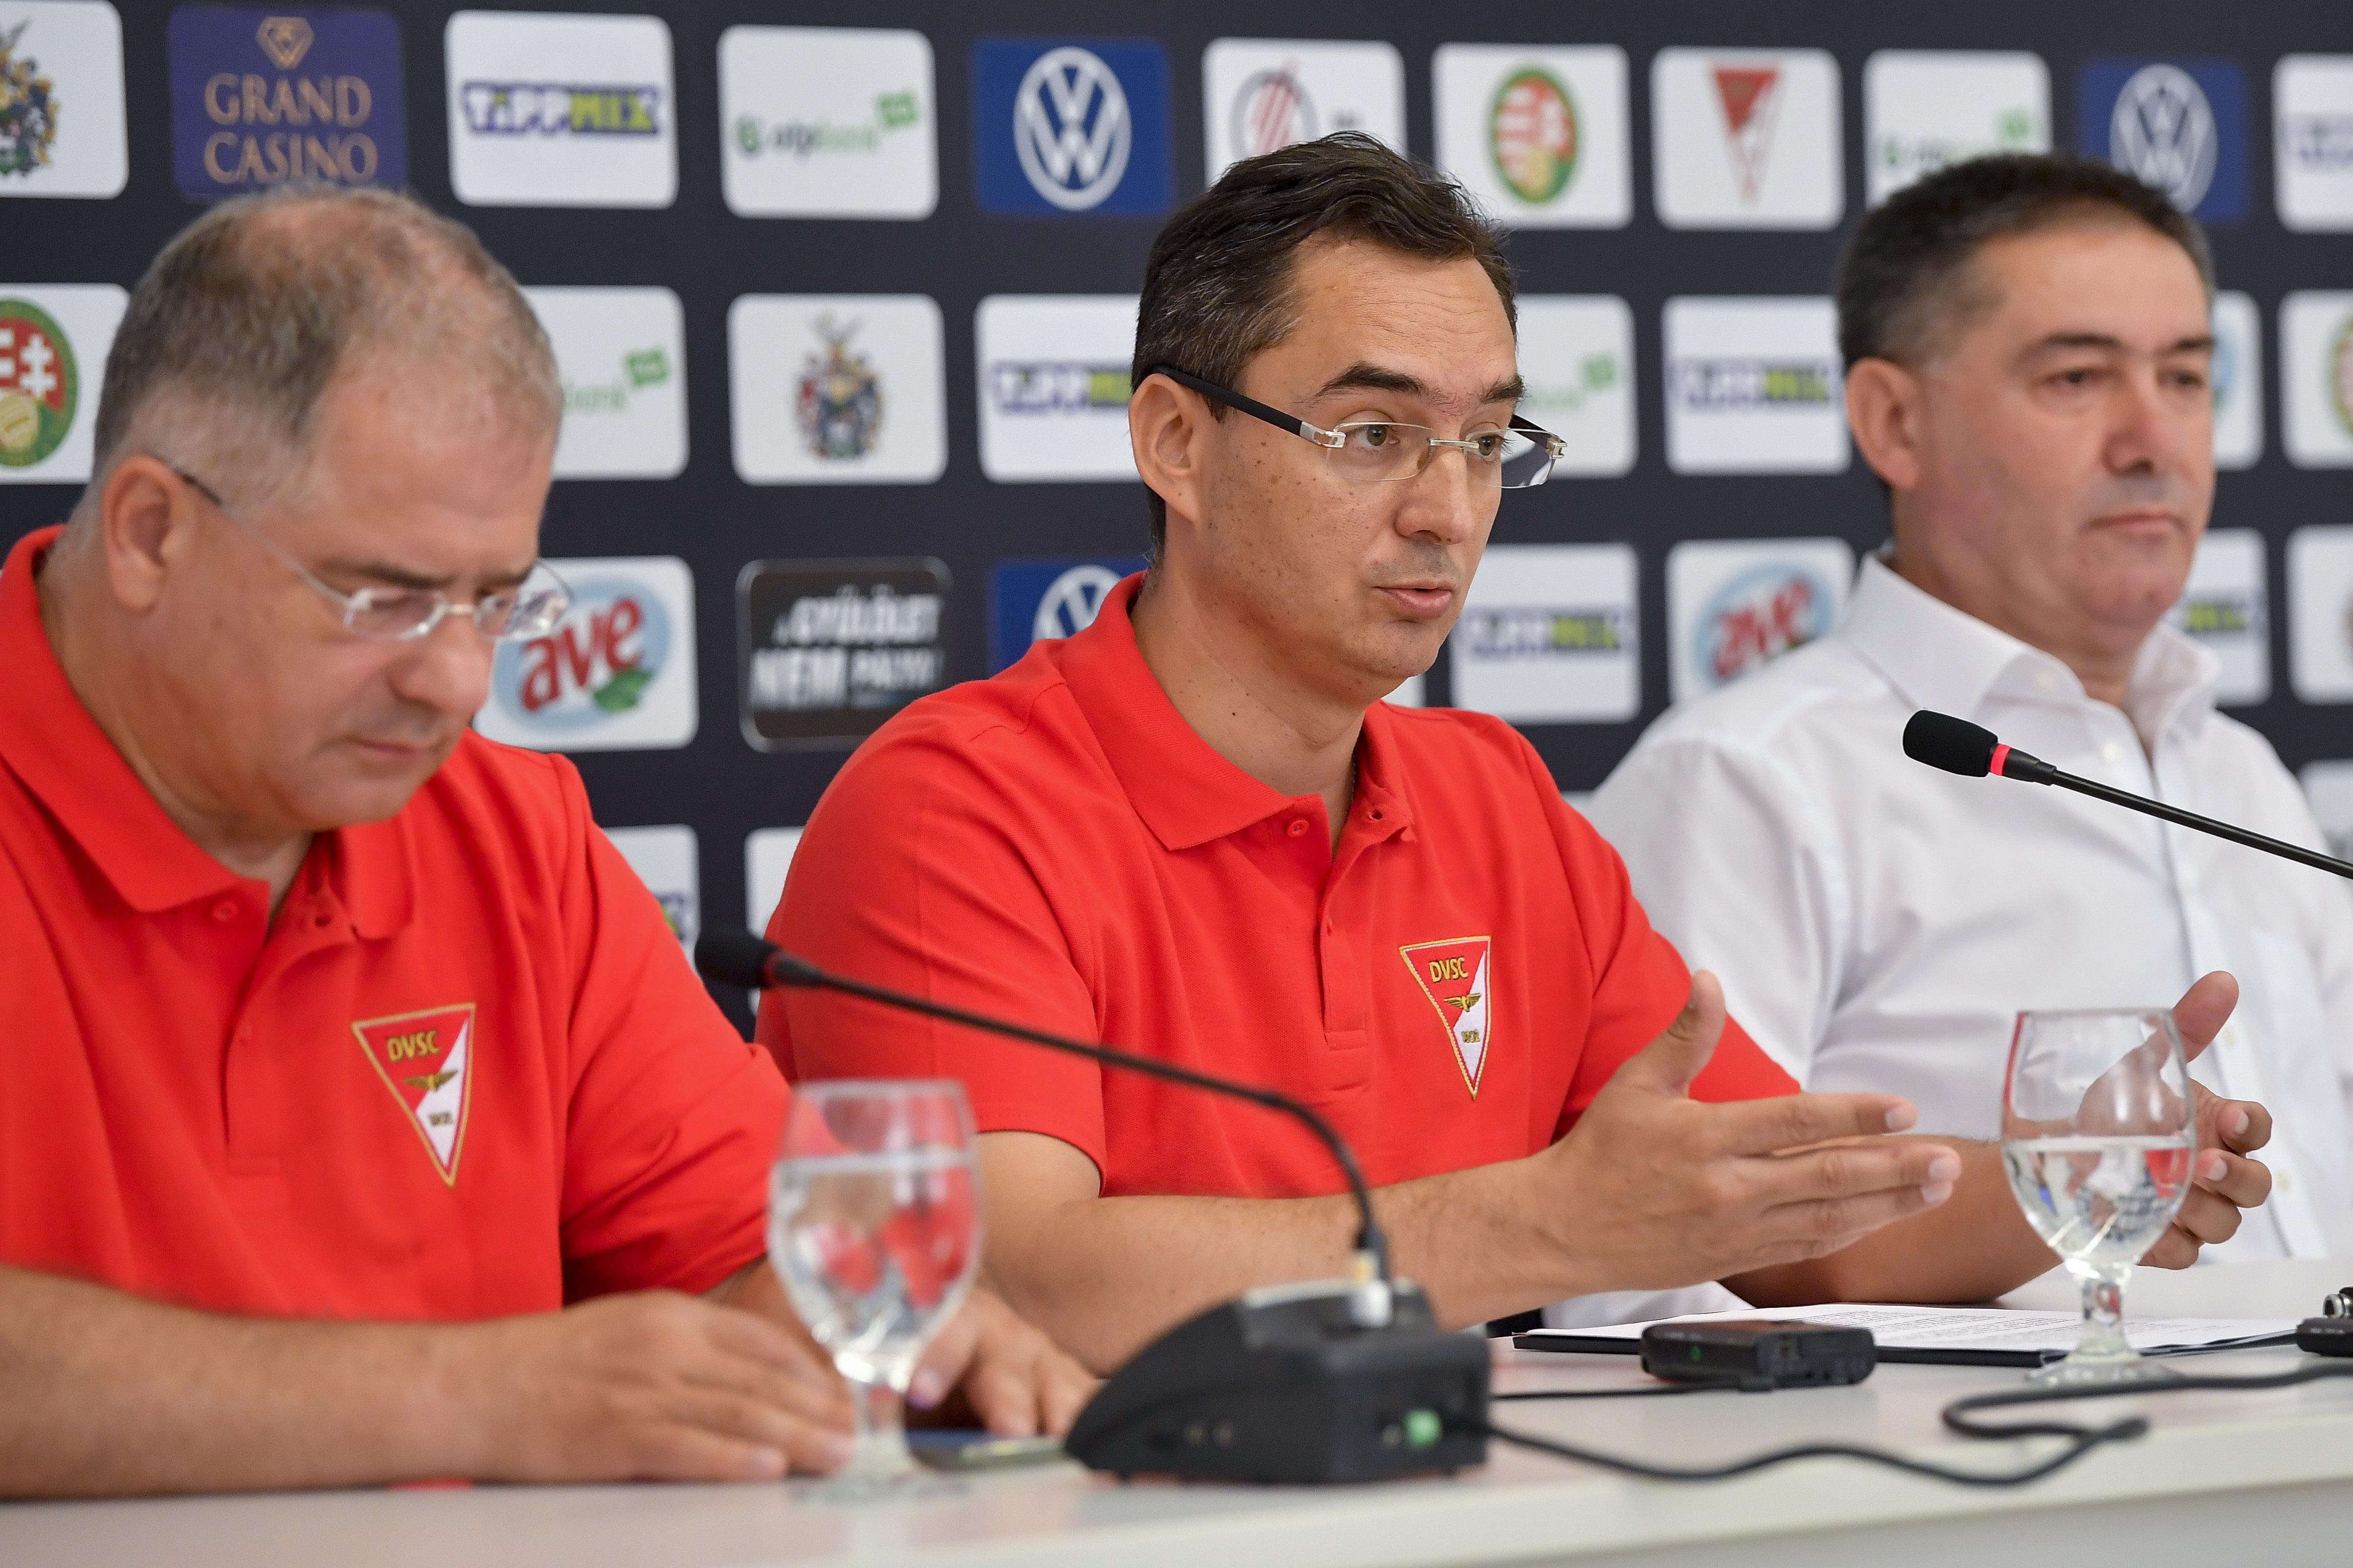 Katasztrofális anyagi vállalkozást vesz a nyakába Debrecen a focicsapat megvásárlásával